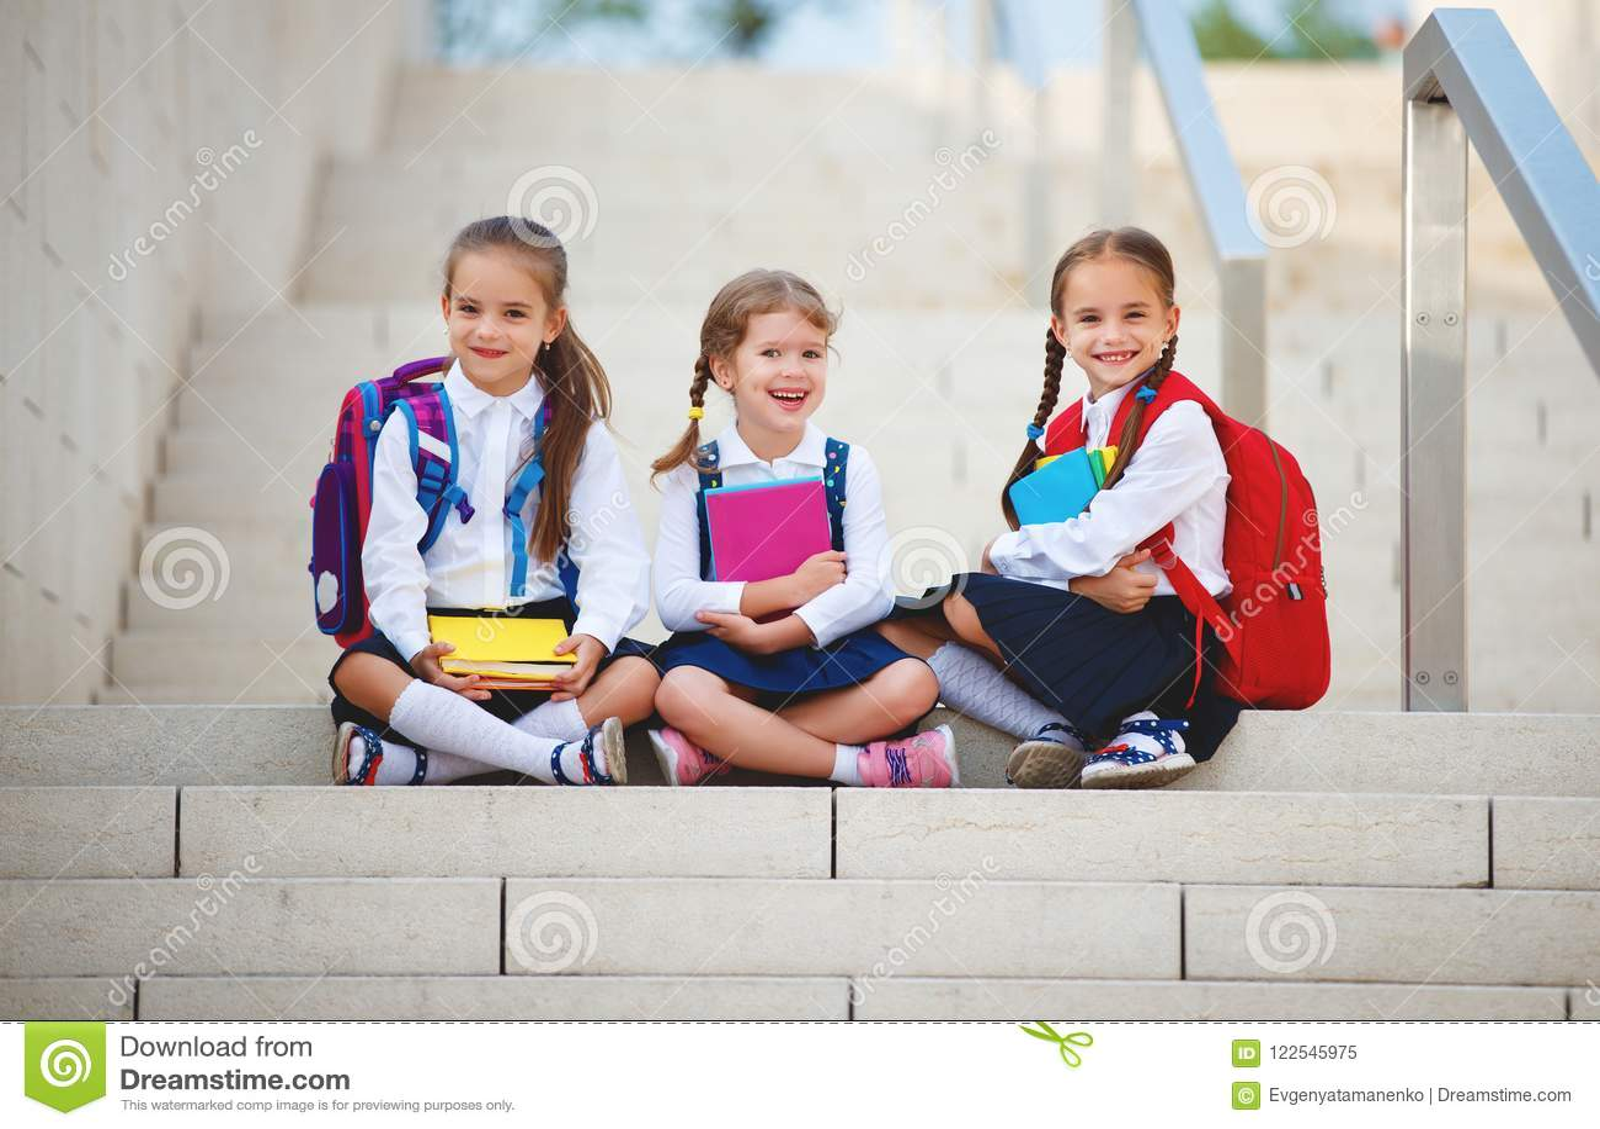 Happy children girlfriend schoolgirl student elementary school